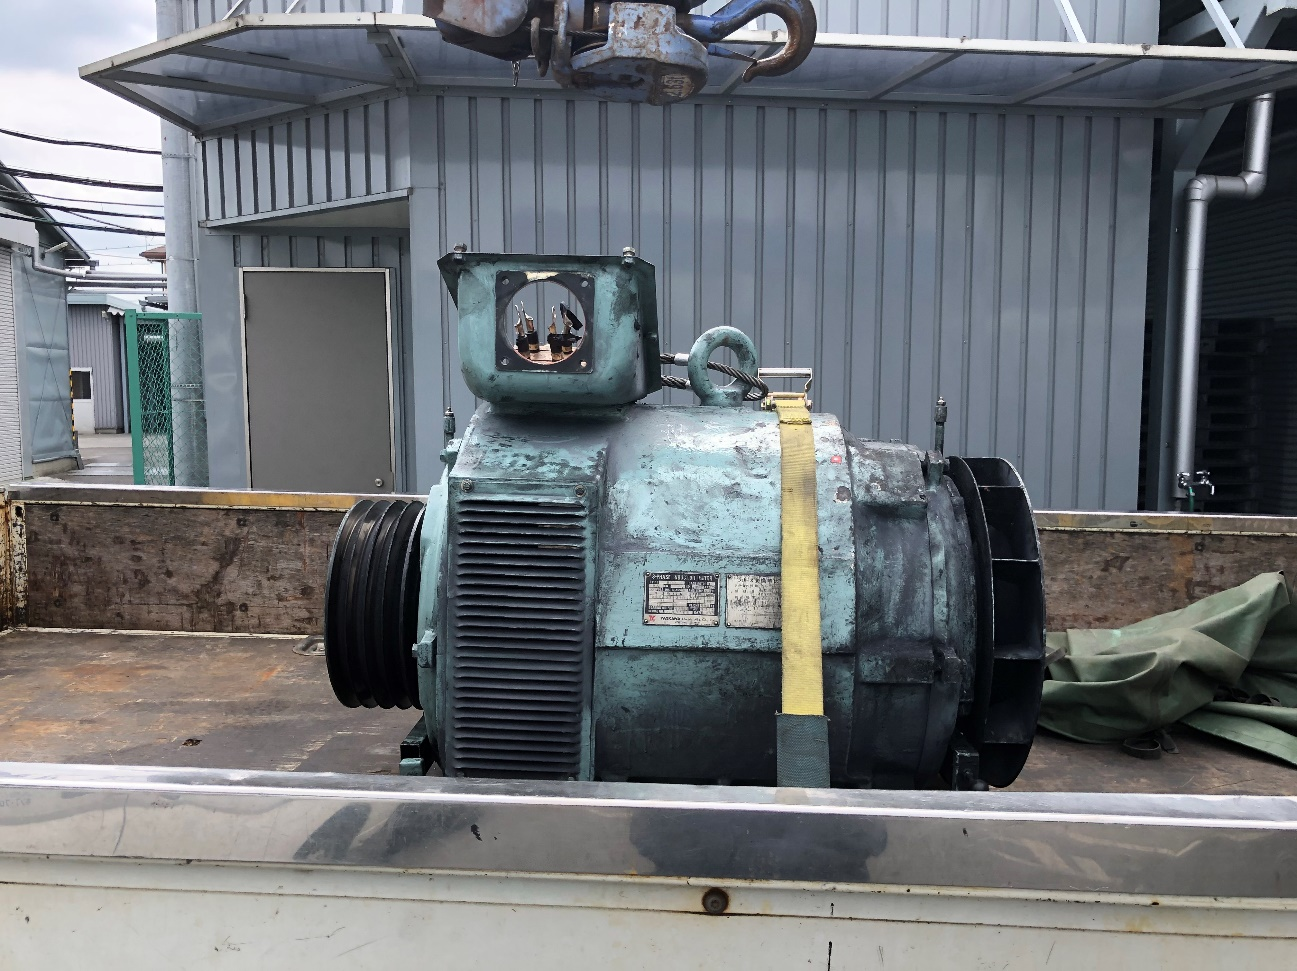 モーターを引き取った際の写真です。トラックの荷台に載せられている状態で、モーター自体の高さは80㎝程度のように見えます。